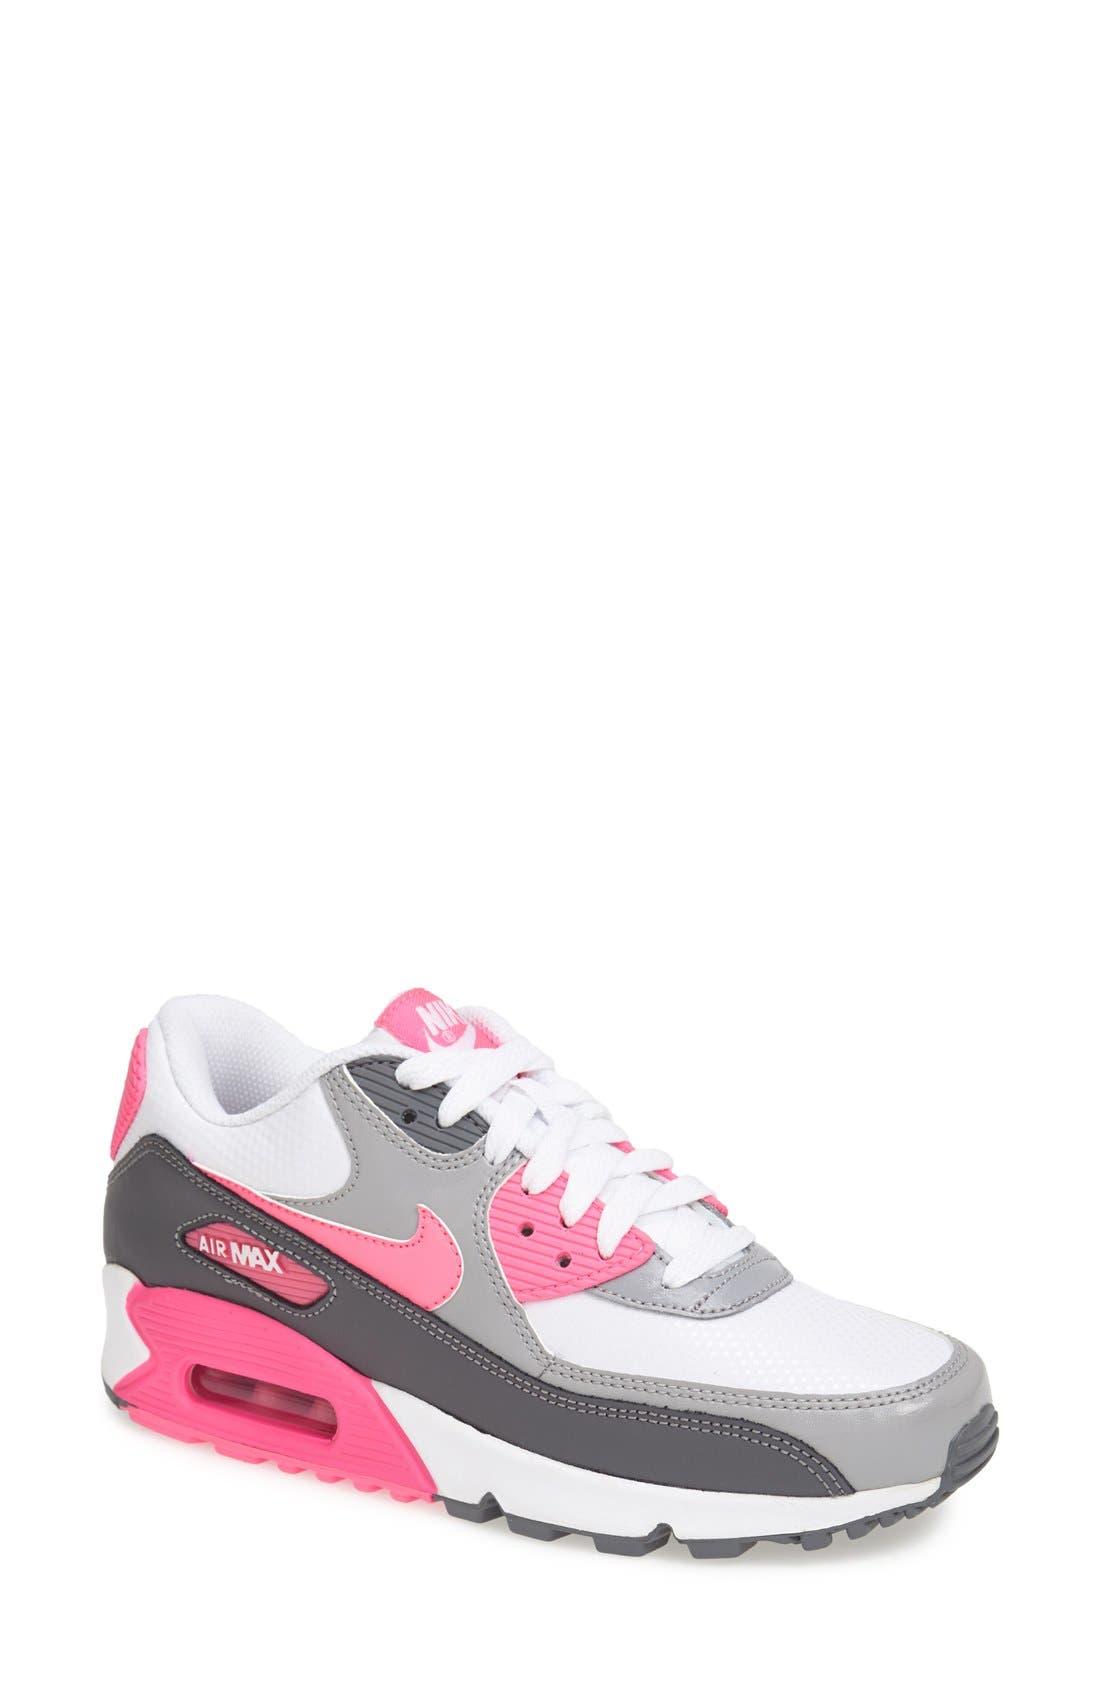 Main Image - Nike 'Air Max - Essential' Sneaker (Women)